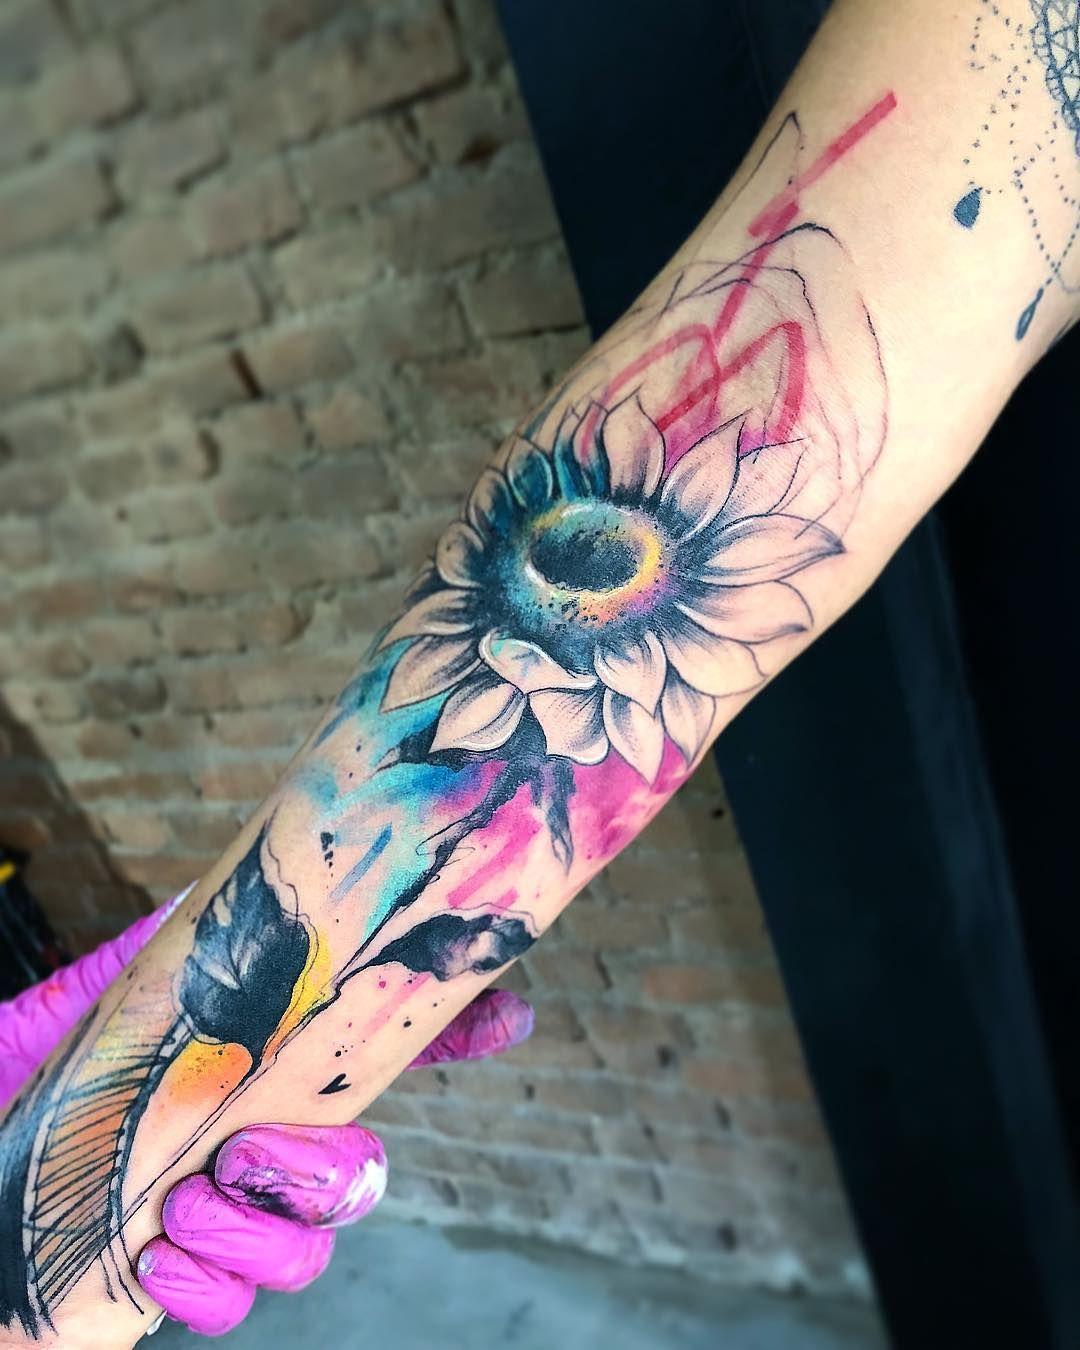 50 Artsy Tattoos For Men Artistic Ink Design Ideas Tattoos For